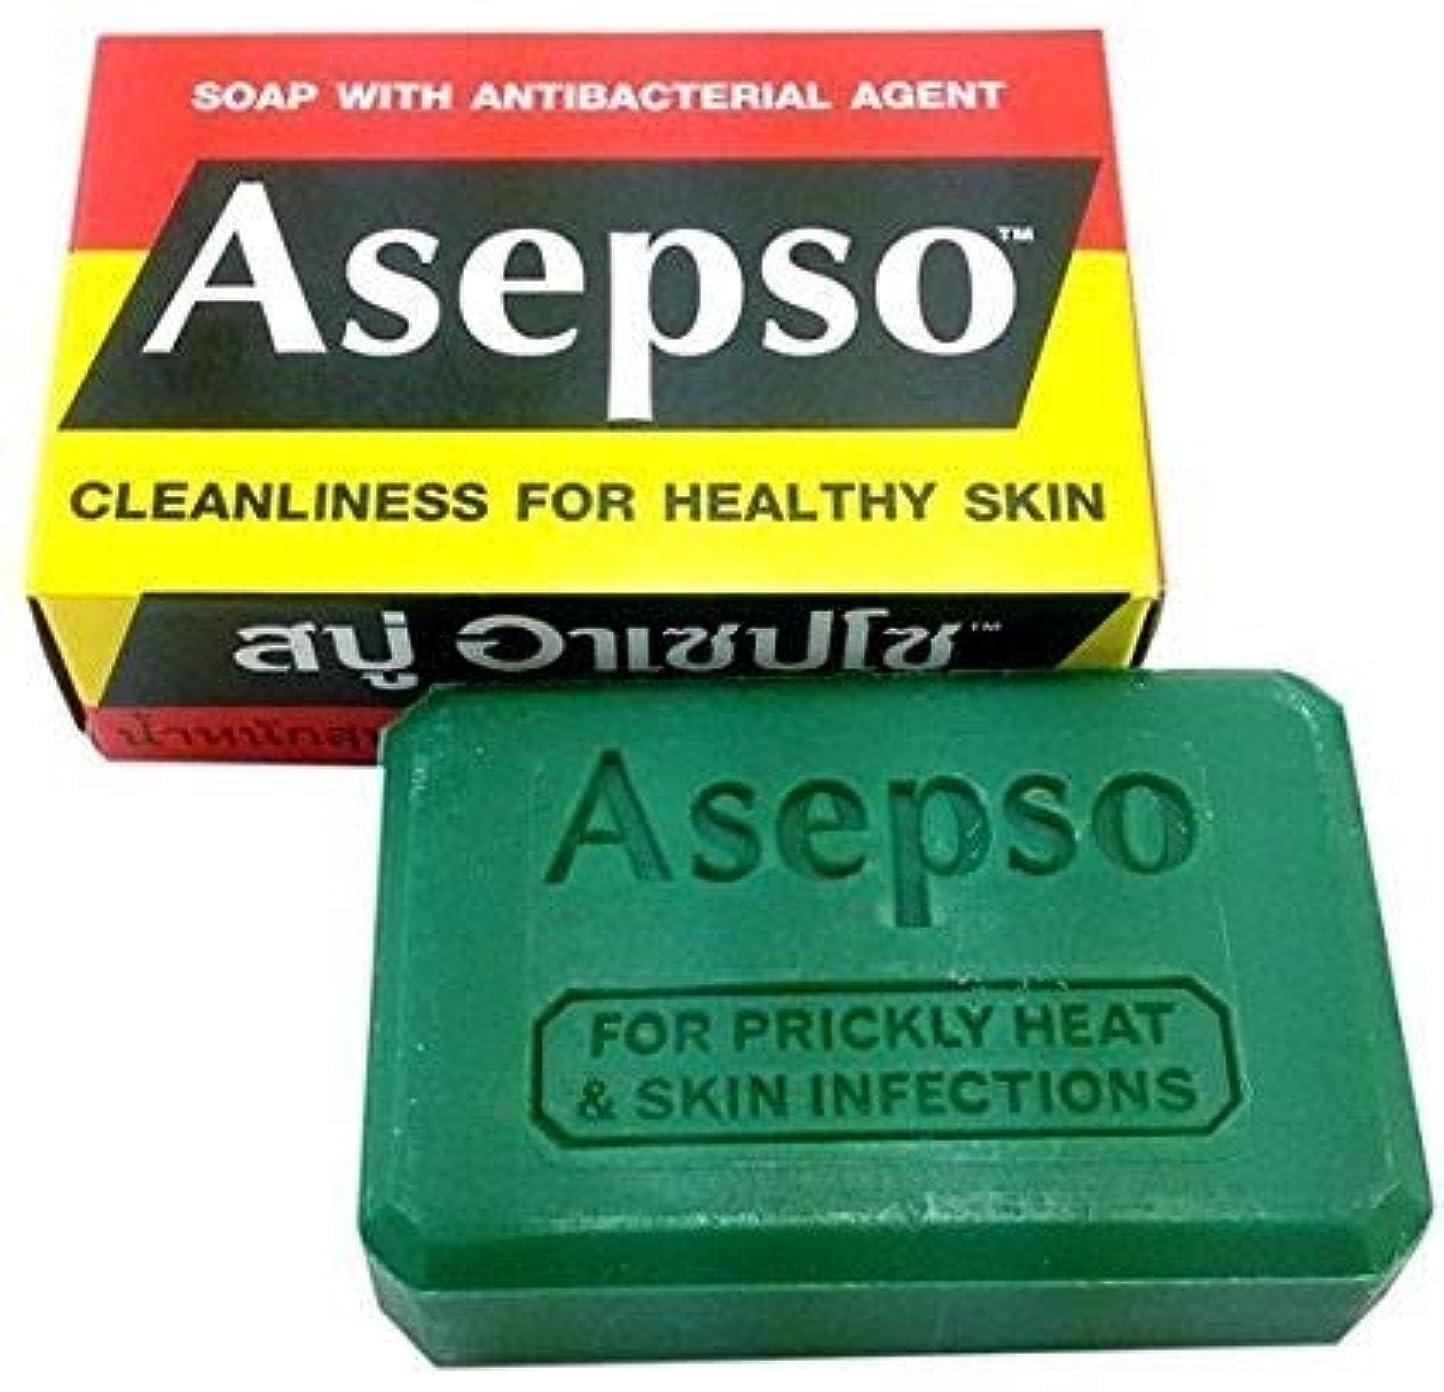 シャーロットブロンテあいにくオーディションNi Yom Thai shop Asepso Soap with Antibacterial Agent 80 Grams